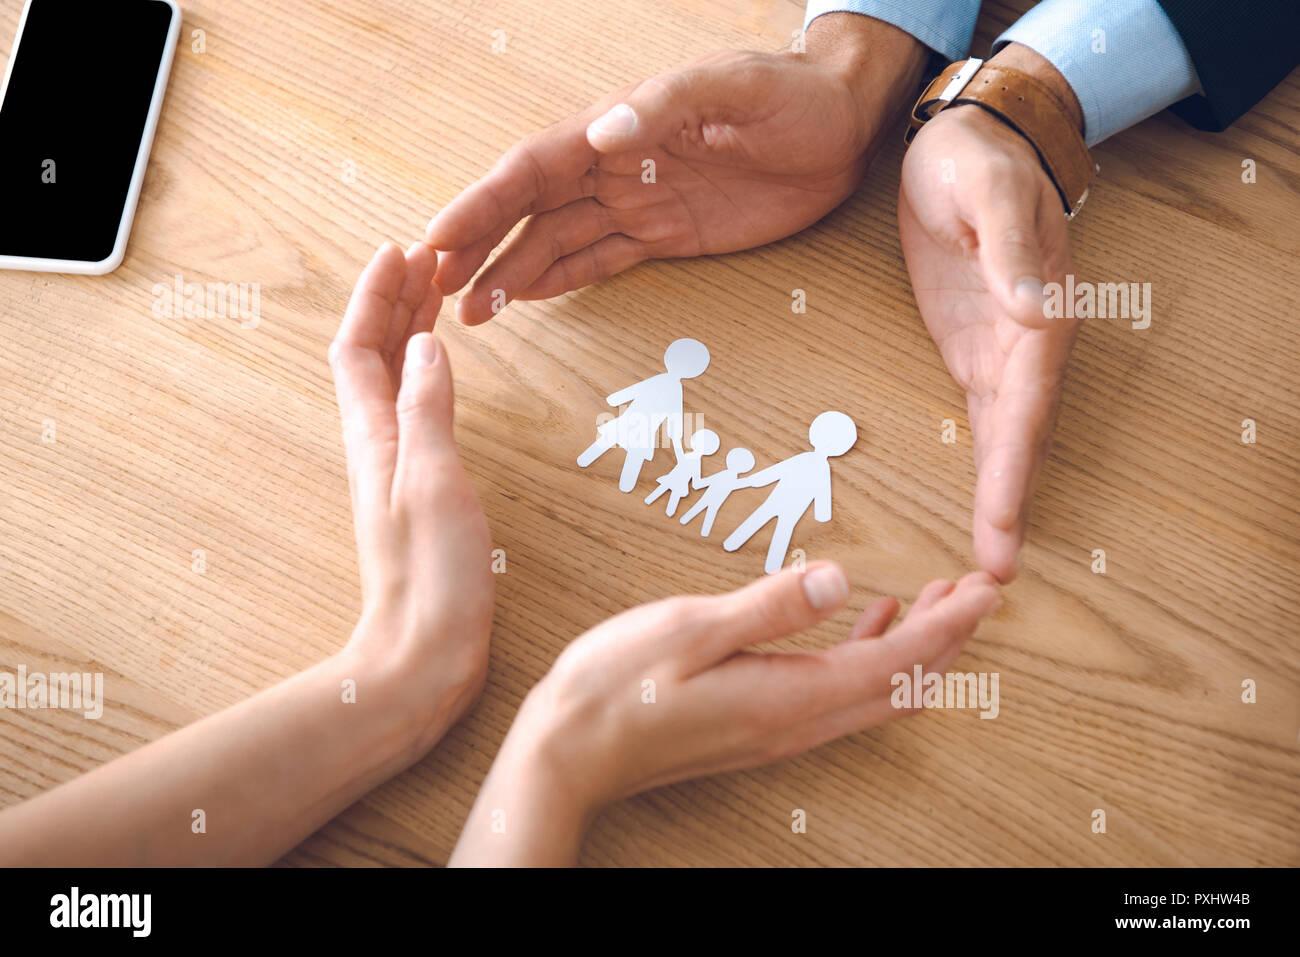 Teilansicht des Versicherungsagenten und weibliche Hände mit Familie Papier Modell auf hölzernen Tischplatte, Familie Versicherung Konzept Stockbild